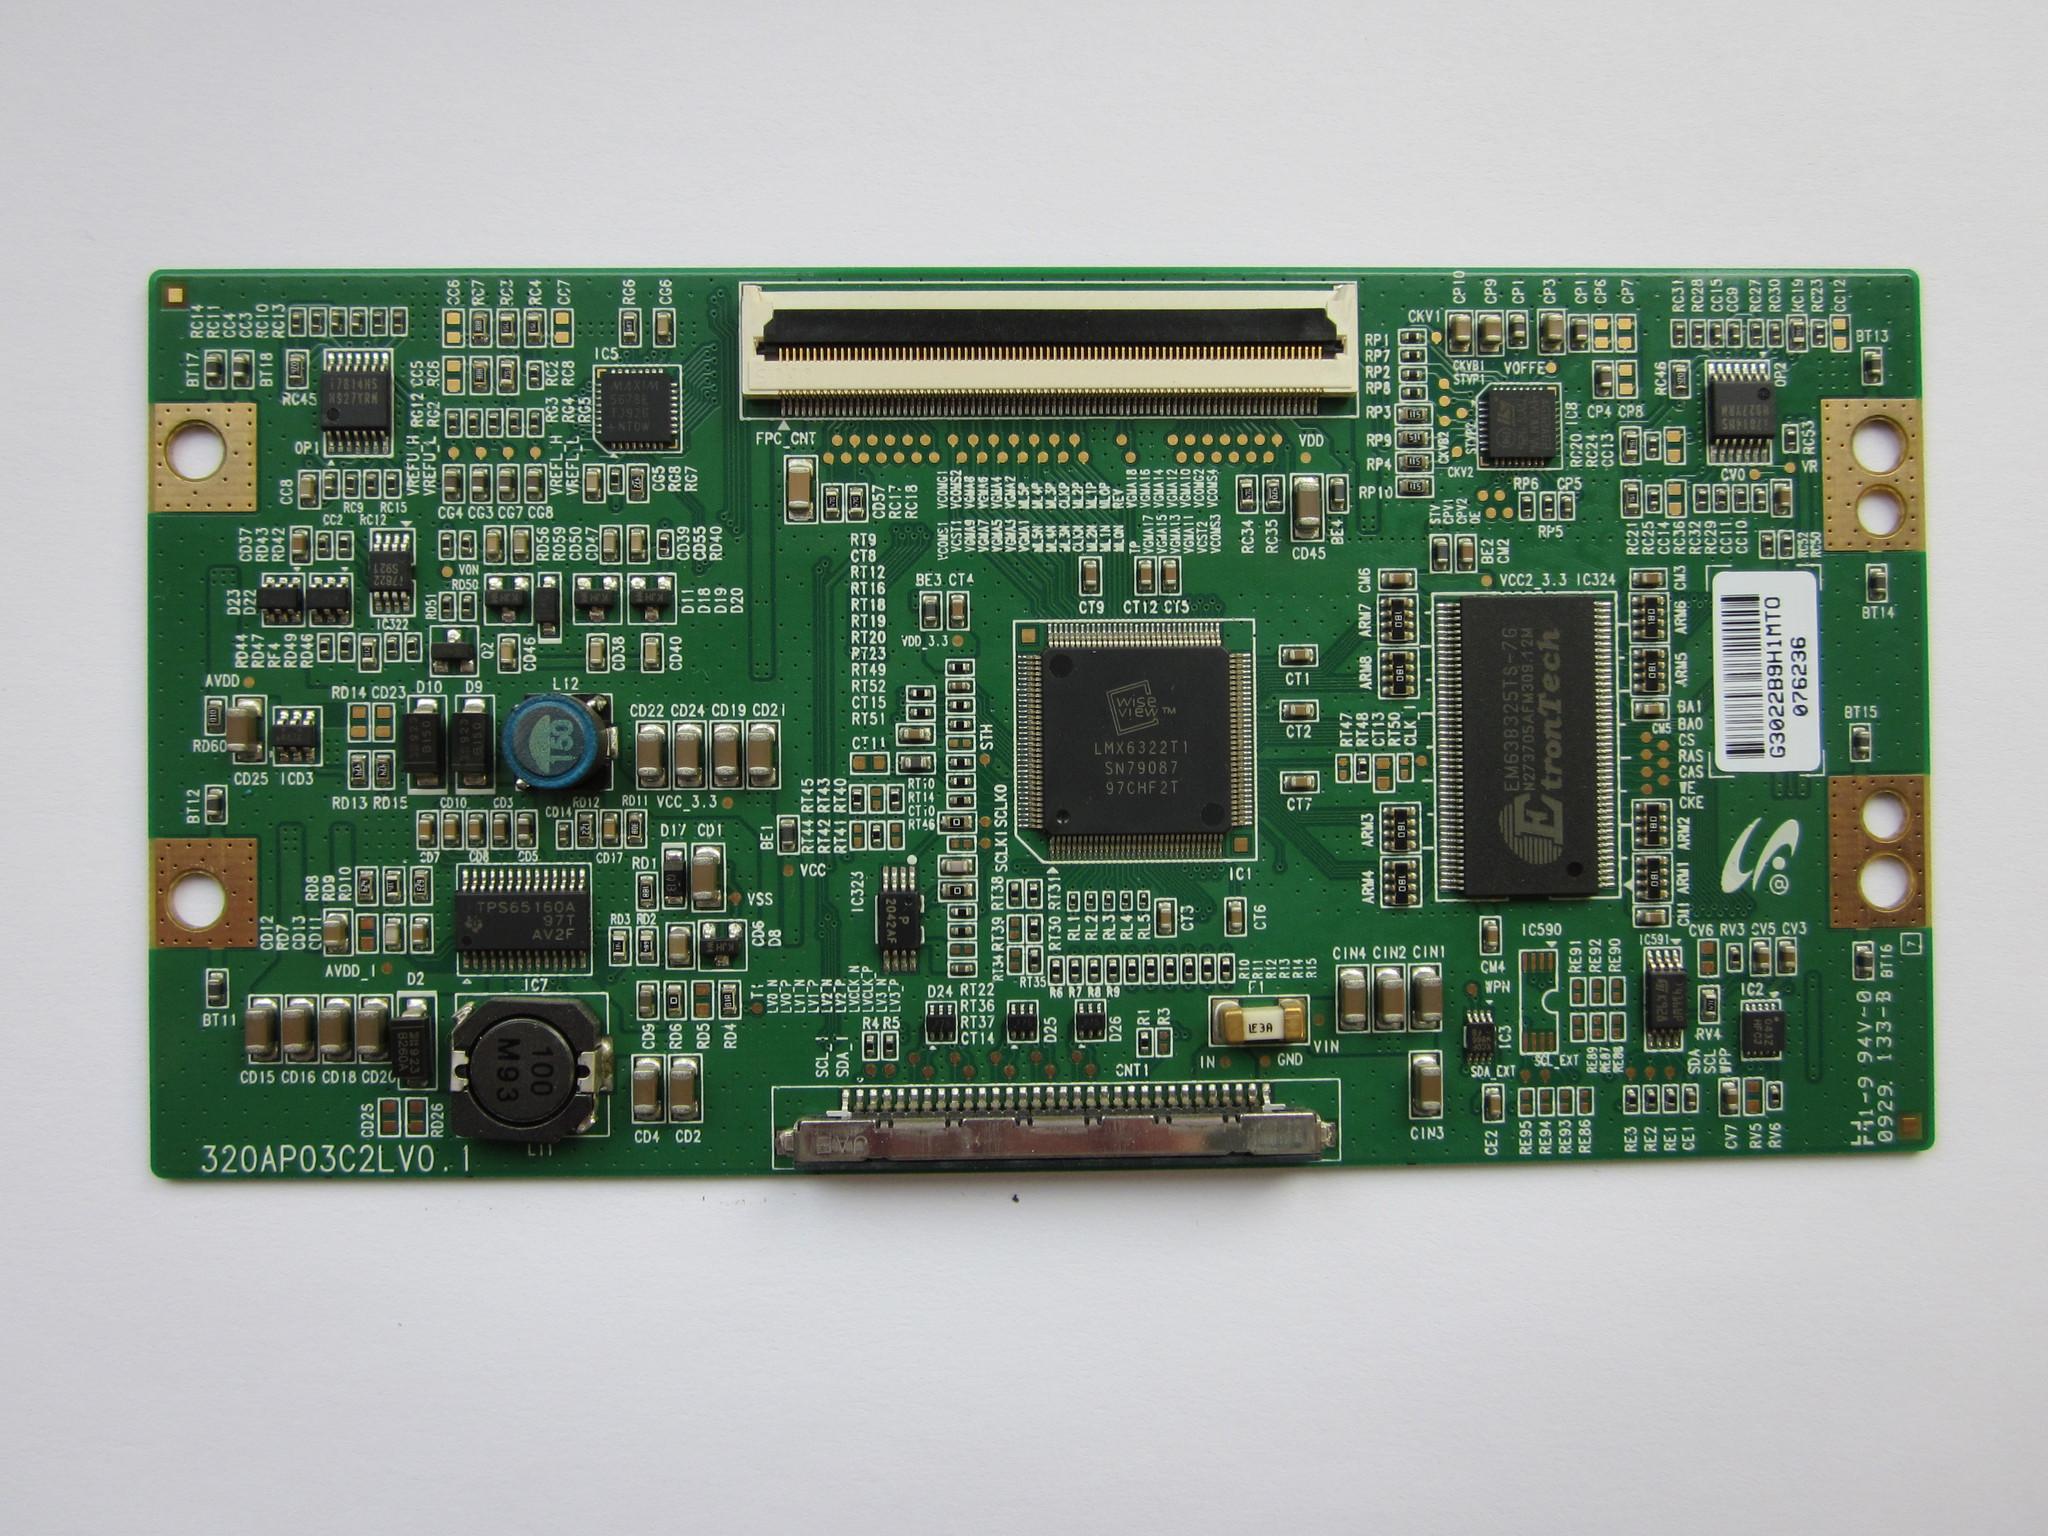 T-CON 320AP03C2L V0.1